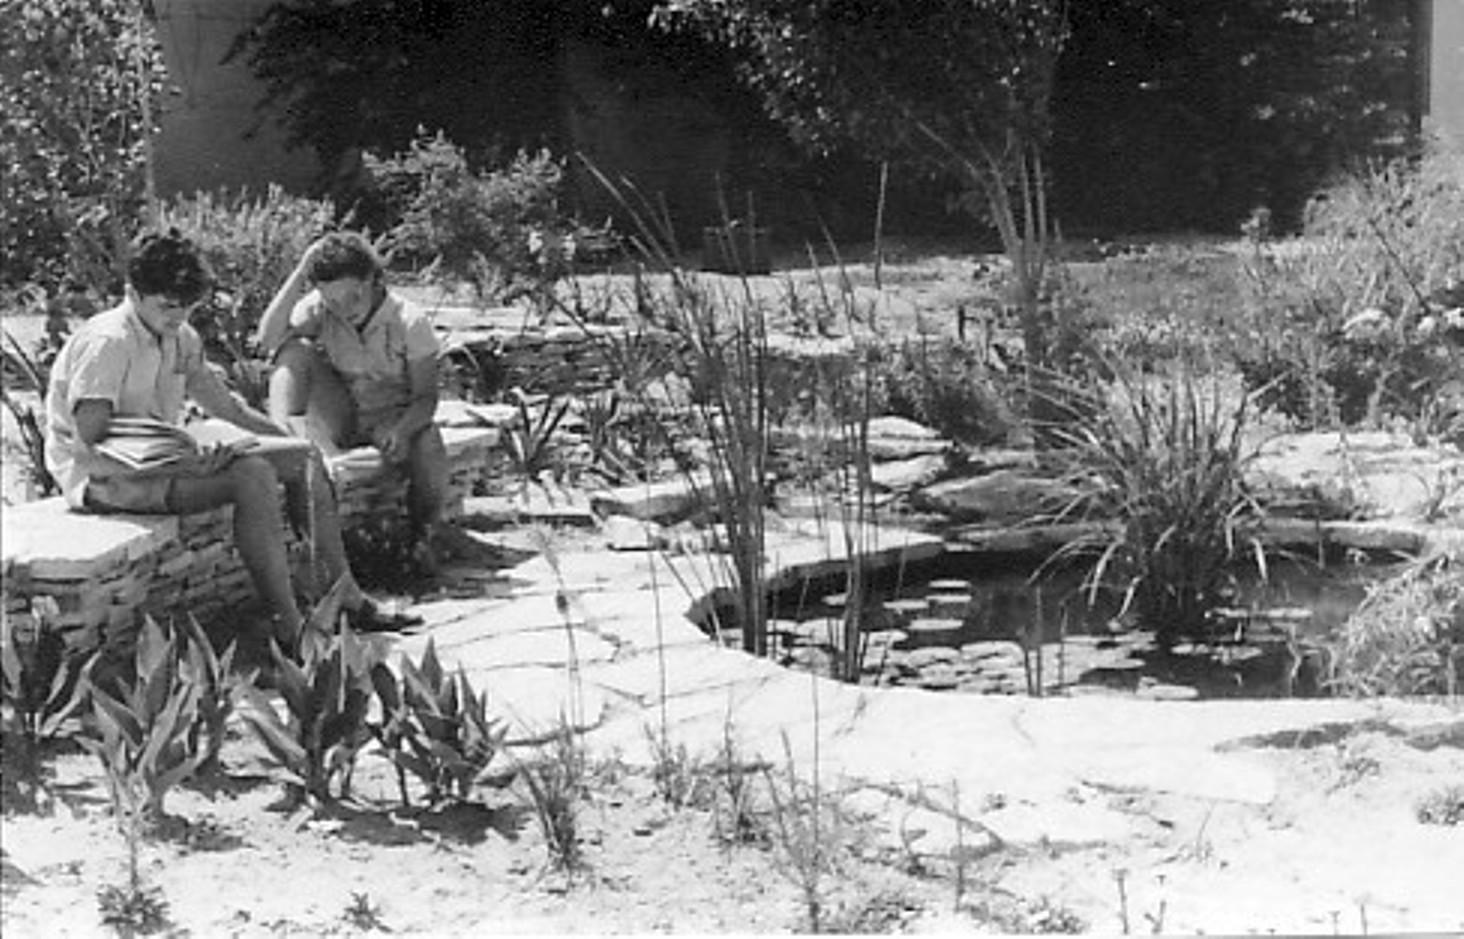 תמונה 6- 64 - מרים ואברהם תומר ליד בריכת הנוי במוסד (בין בית ראשון לשני)בביצוע חיים שרון וקב. עופ